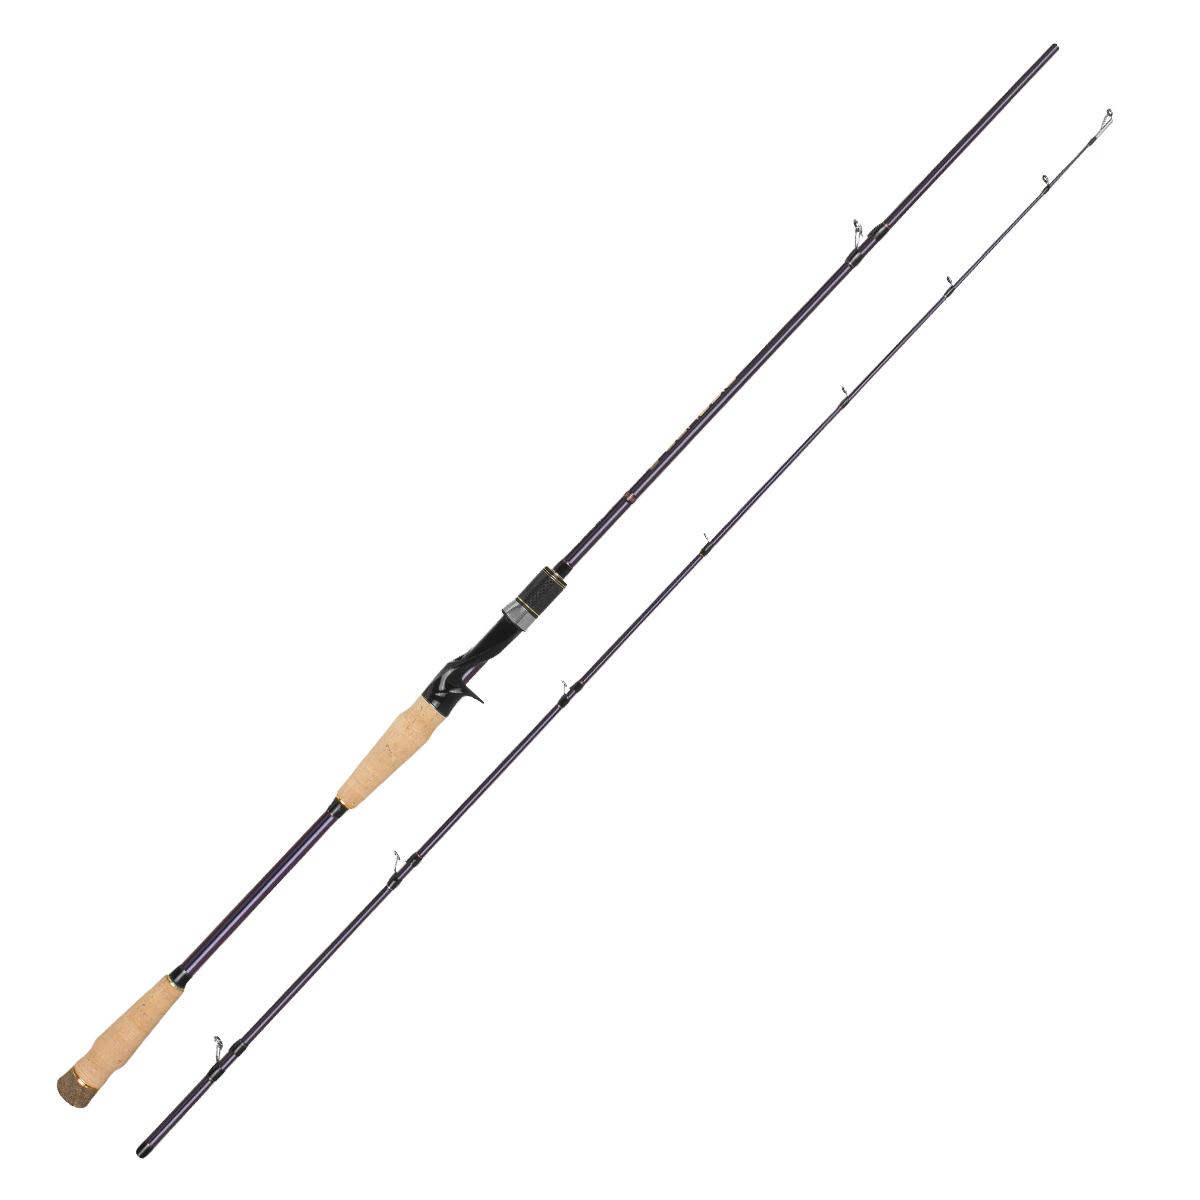 Vara Saint New Classic p/ Carretilha 2,10 m 50 lbs (2 partes)  - Pró Pesca Shop